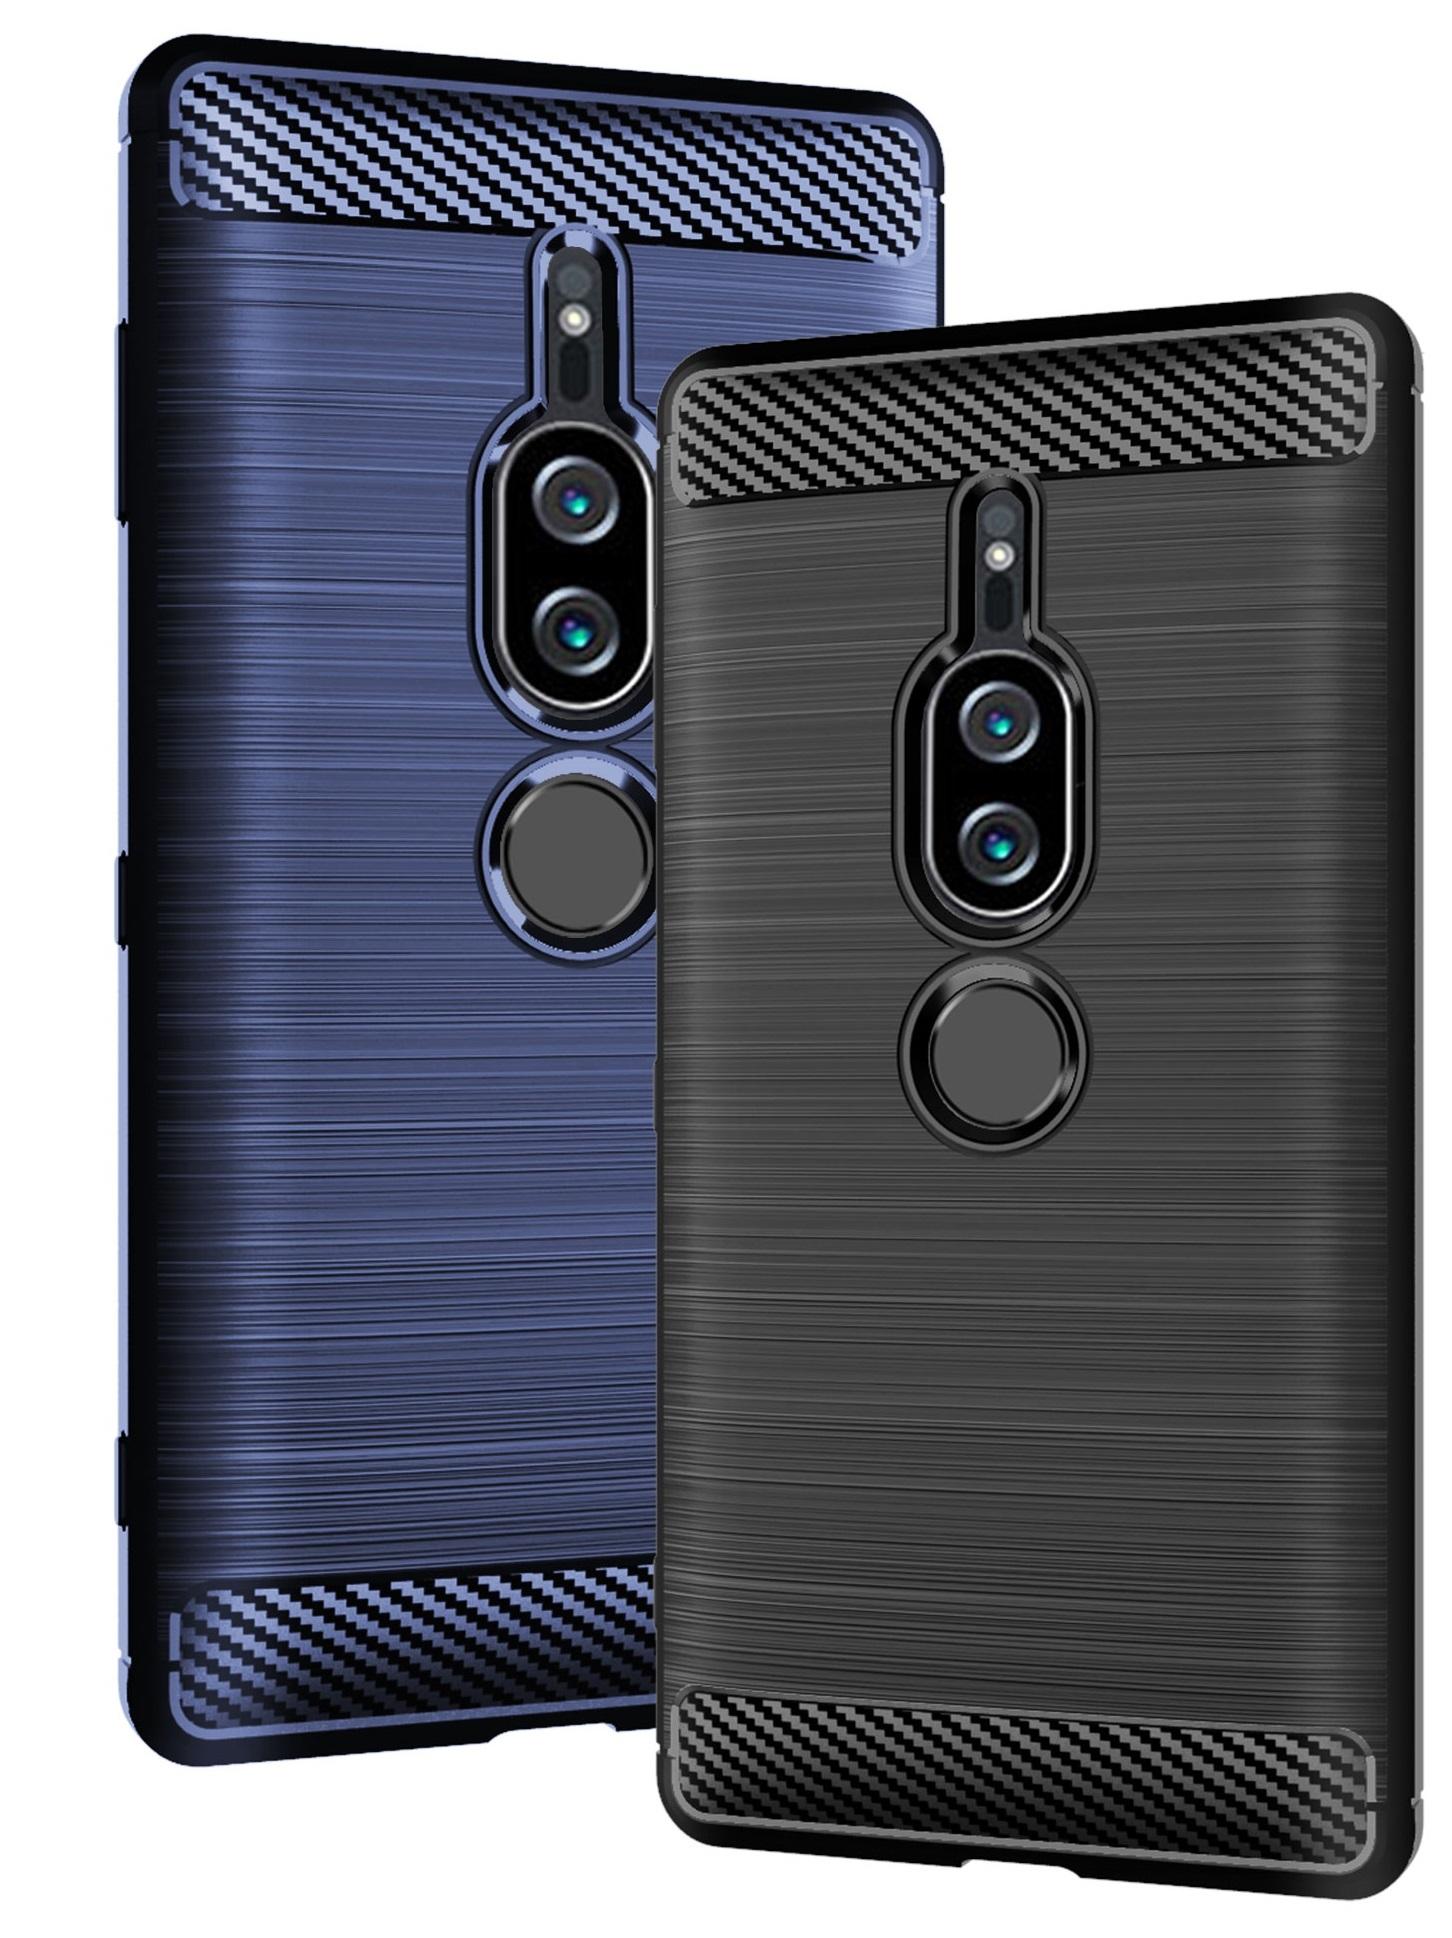 Чехол Sony Xperia XZ2 Premium цвет Blue (синий), серия Carbon, Caseport